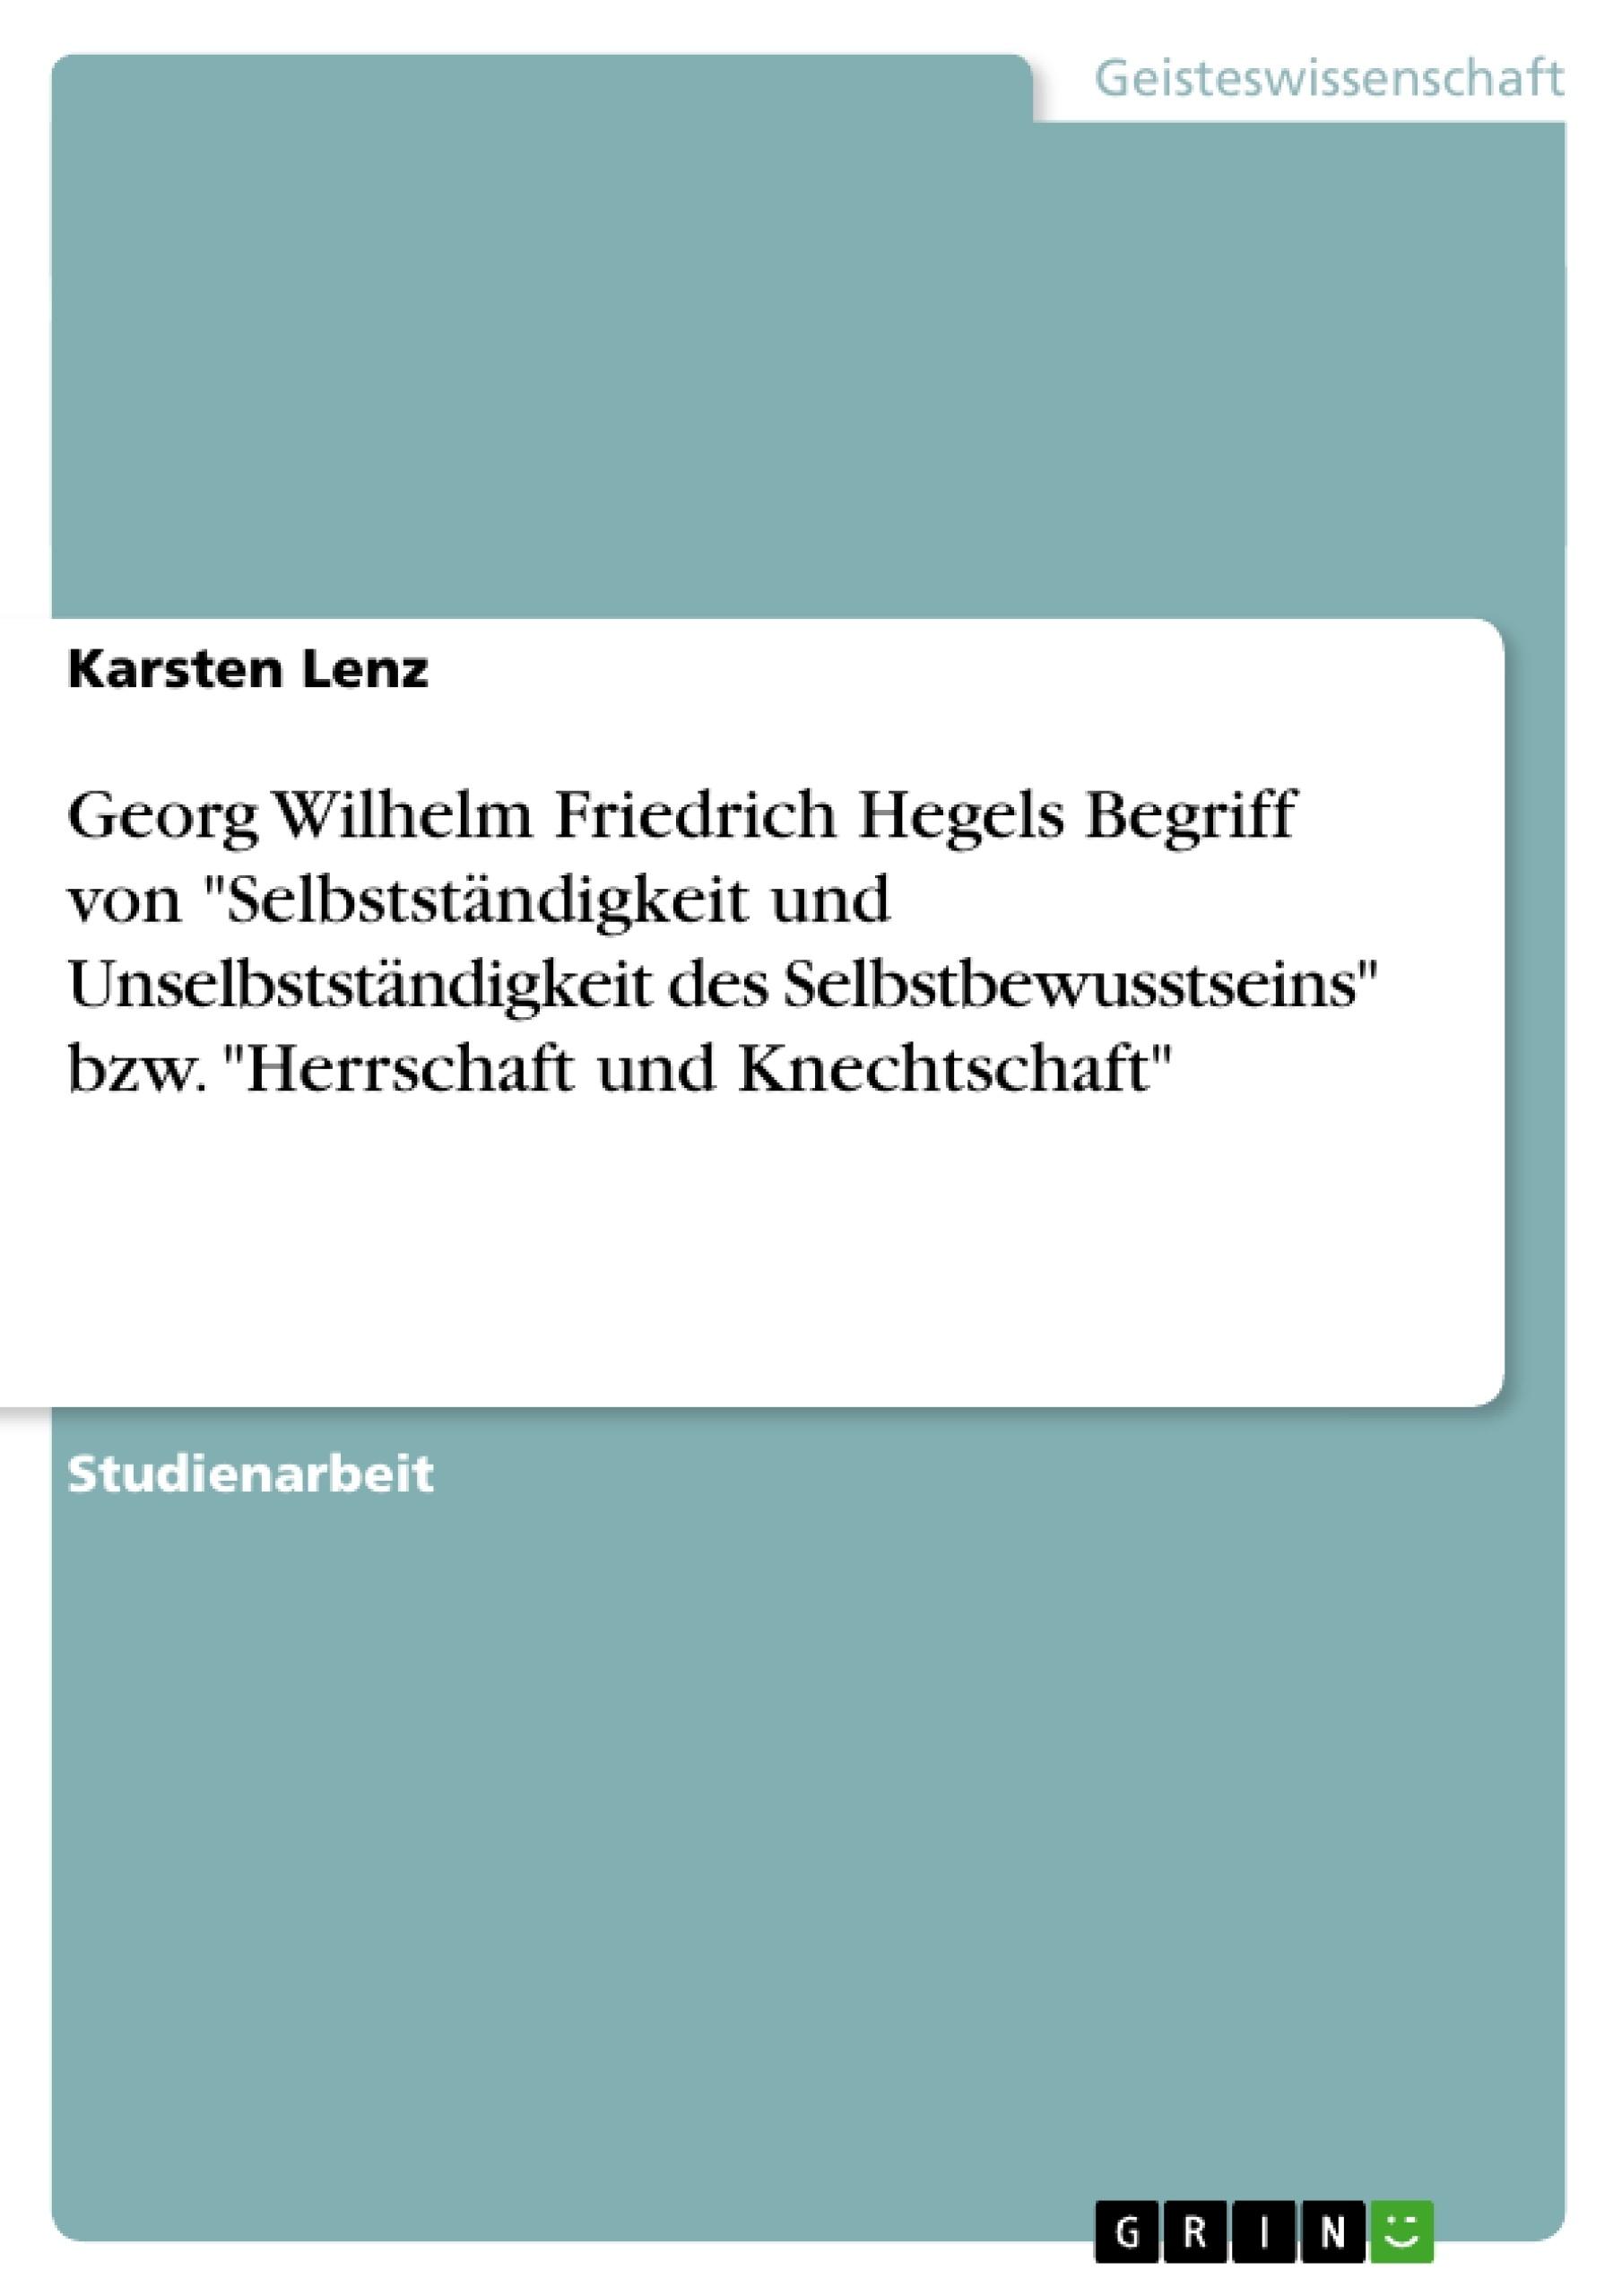 """Titel: Georg Wilhelm Friedrich Hegels Begriff von """"Selbstständigkeit und Unselbstständigkeit des Selbstbewusstseins"""" bzw. """"Herrschaft und Knechtschaft"""""""